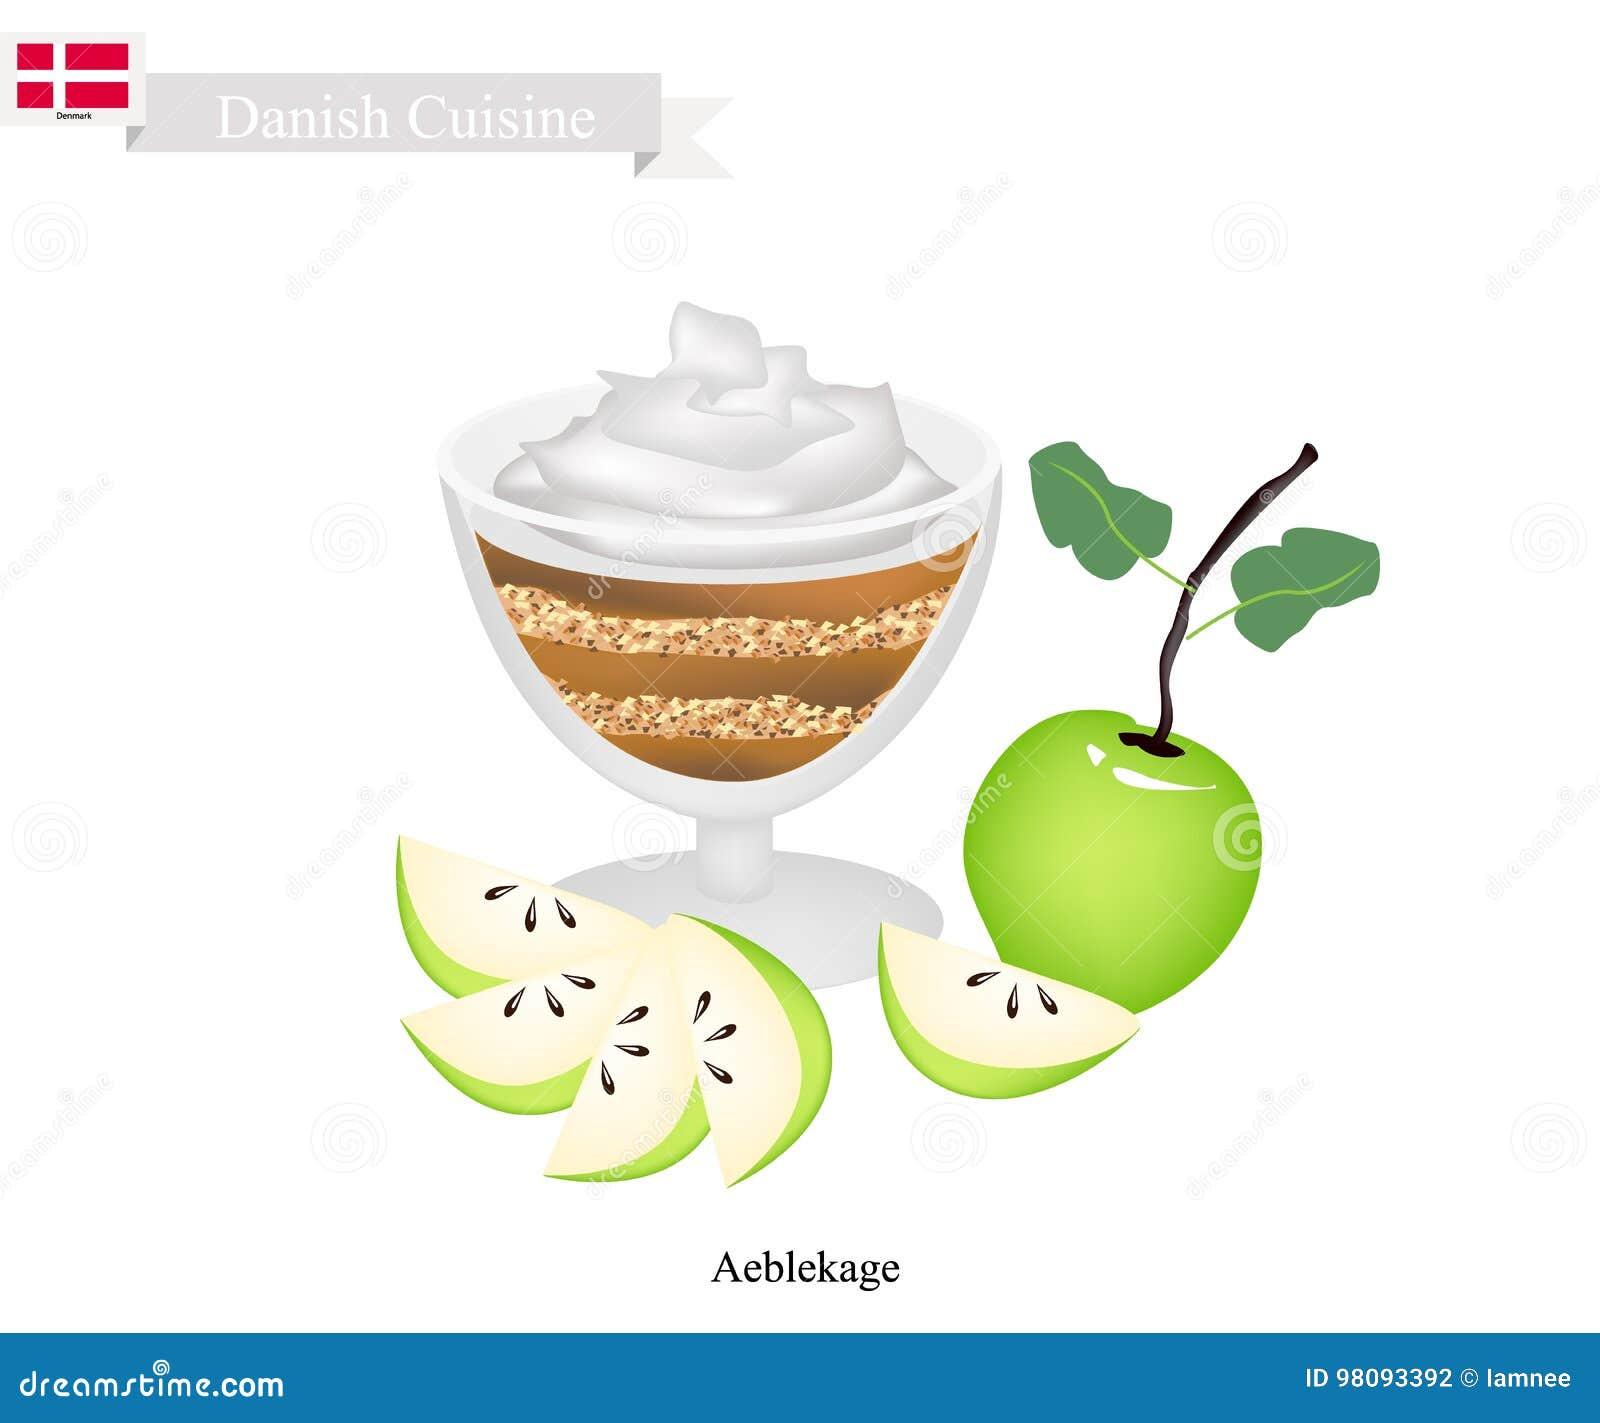 Aeblekage ou gâteau aux pommes, dessert populaire au Danemark